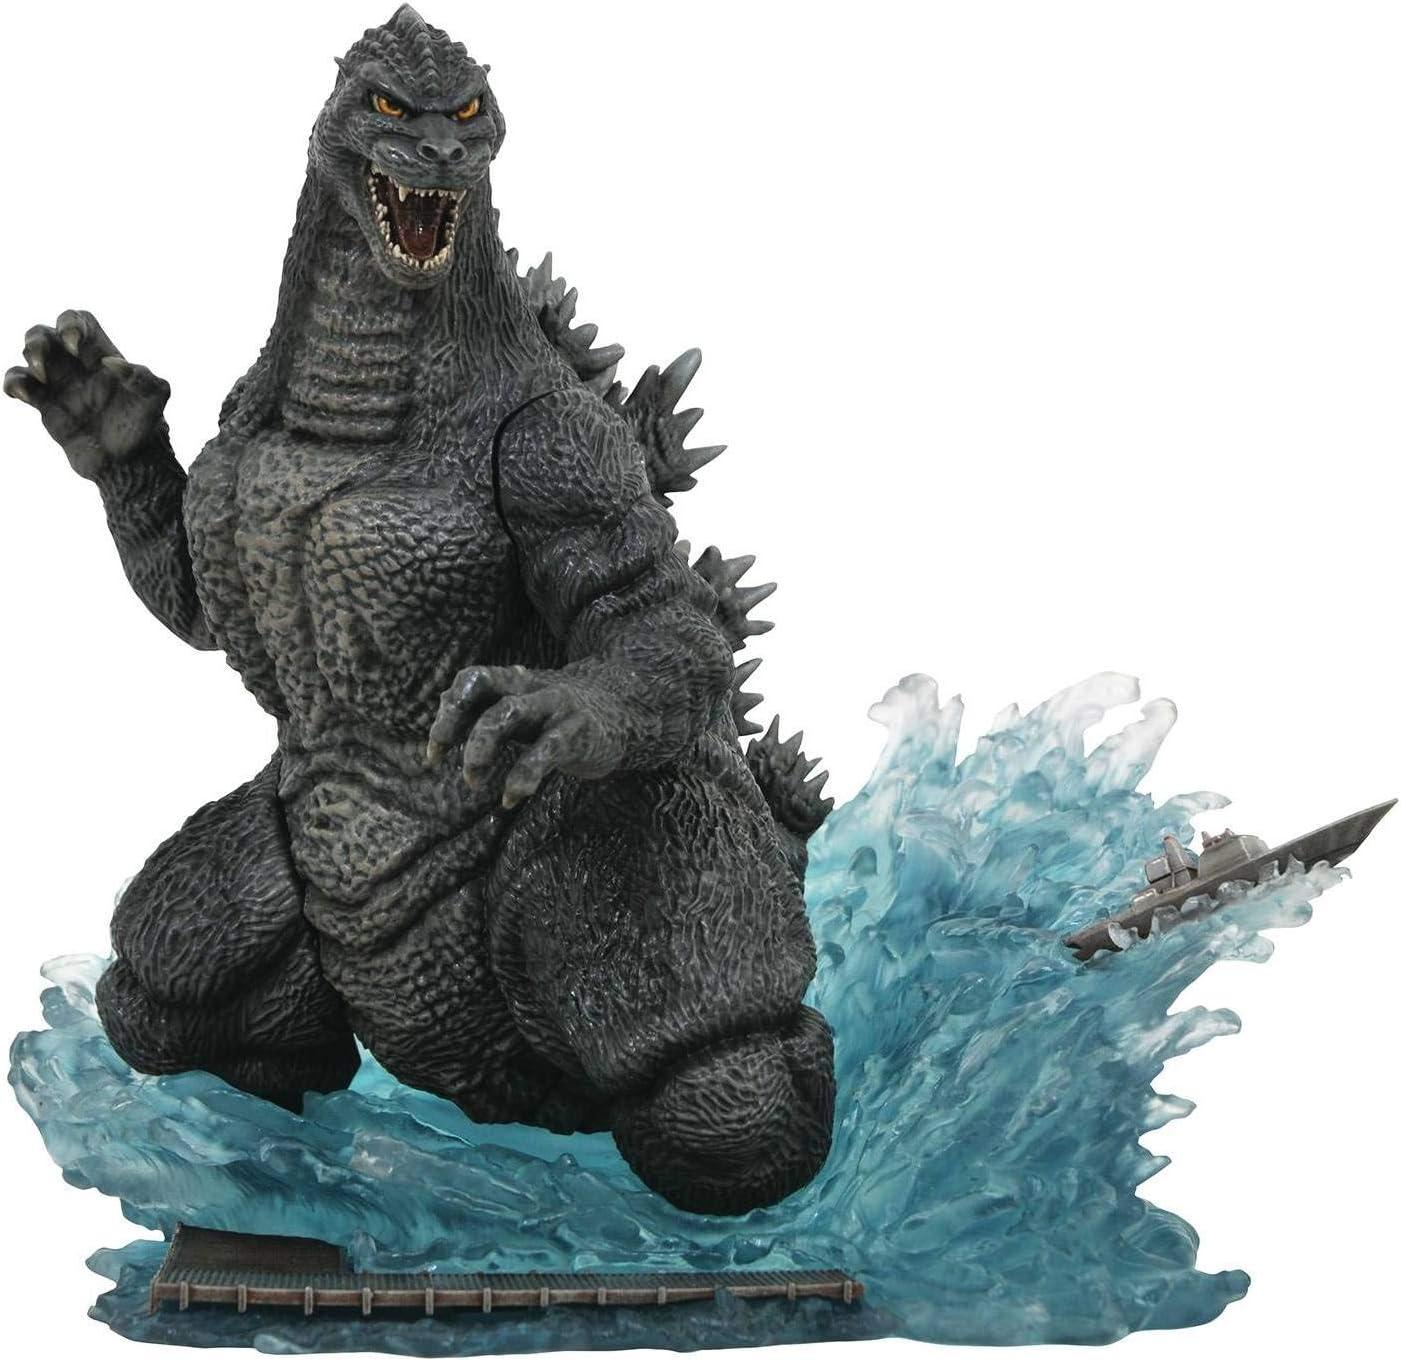 DIAMOND SELECT TOYS Godzilla Gallery: Godzilla 1991 Deluxe PVC Figure, Multicolor